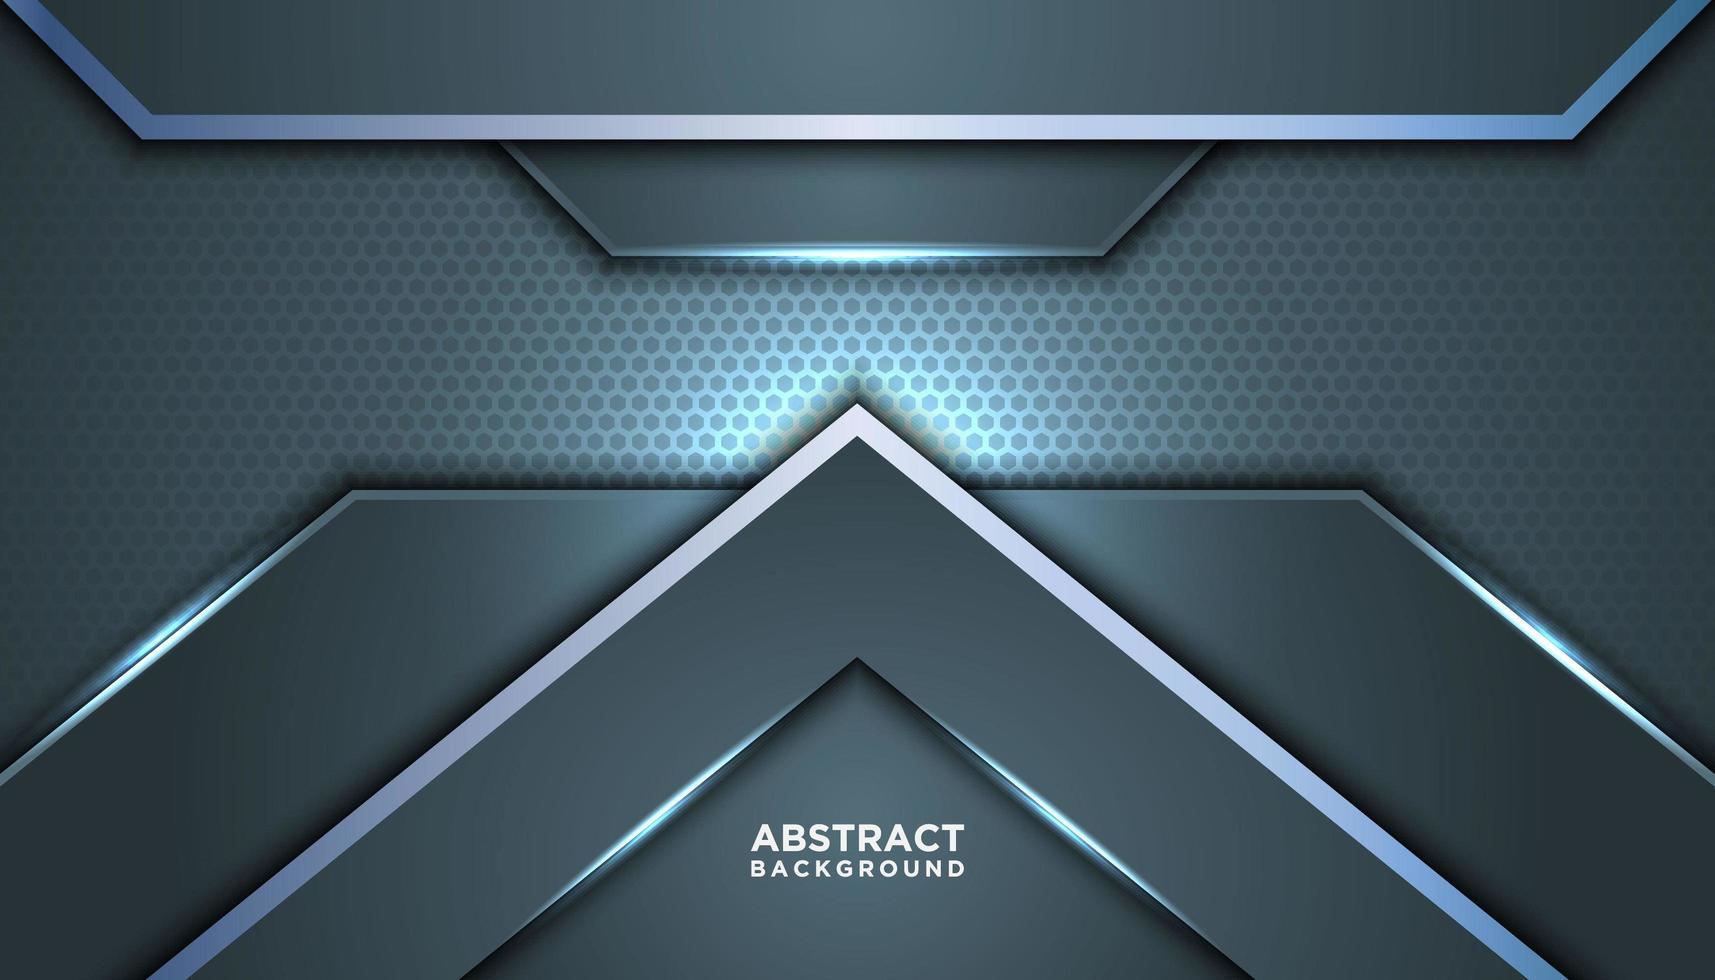 Fondo abstracto azul gris futurista vector